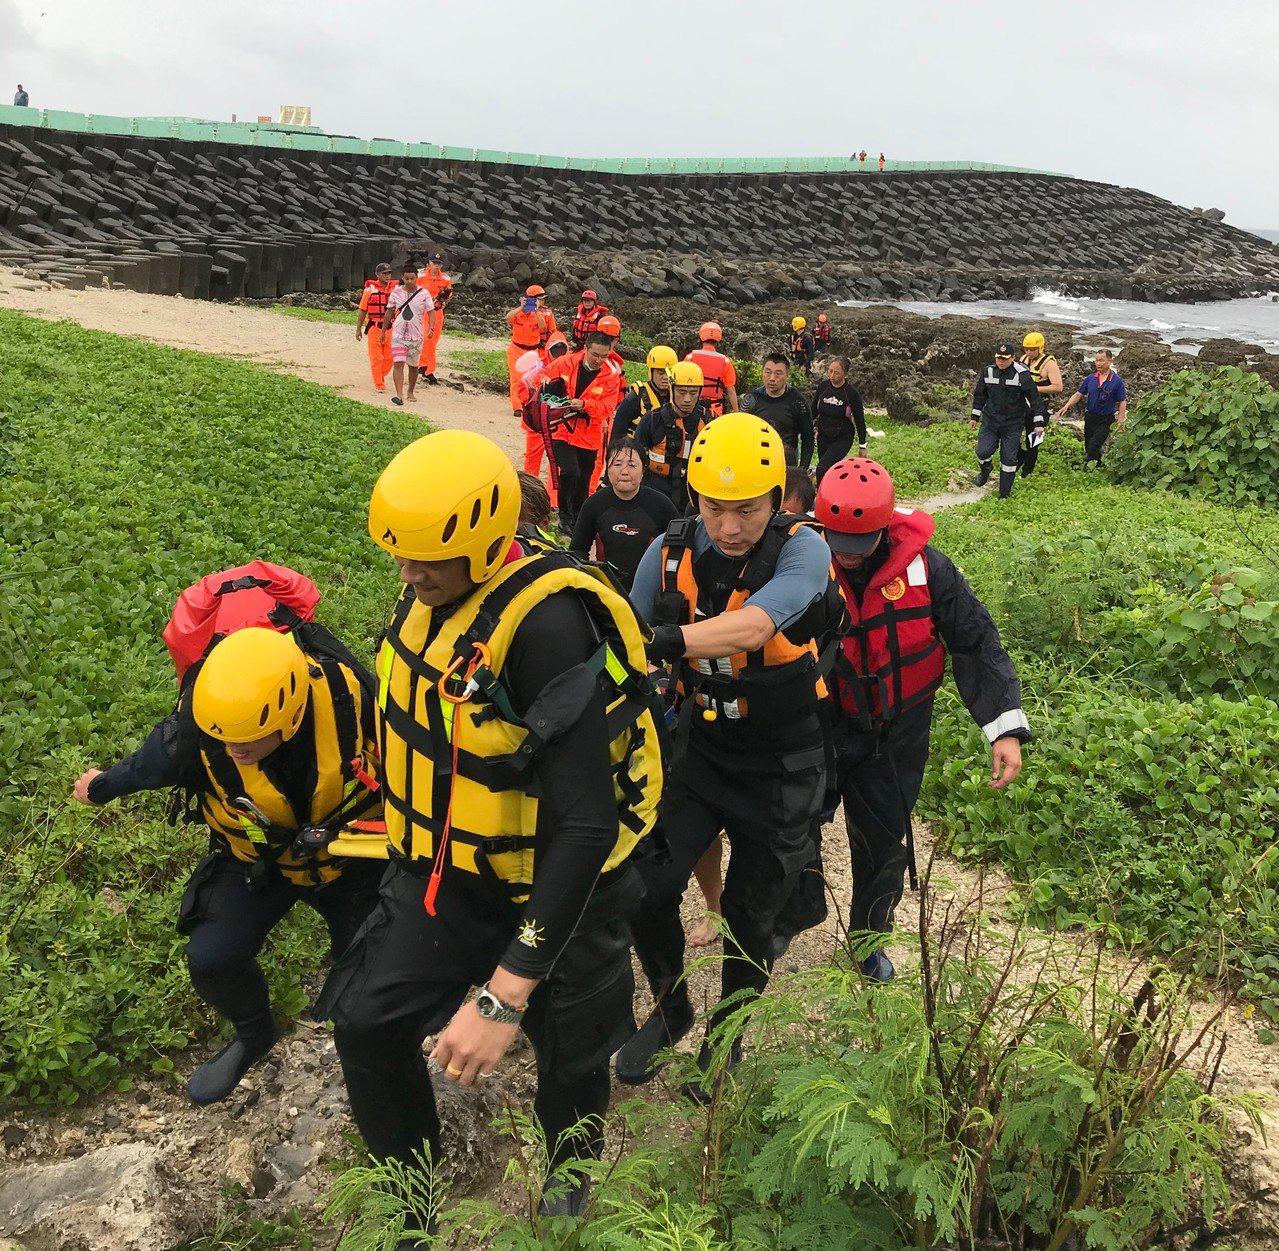 日籍潛水客在墾丁潛水時失聯,搜救人員潛水至離岸邊約30公尺處發現失聯者,下午2時...